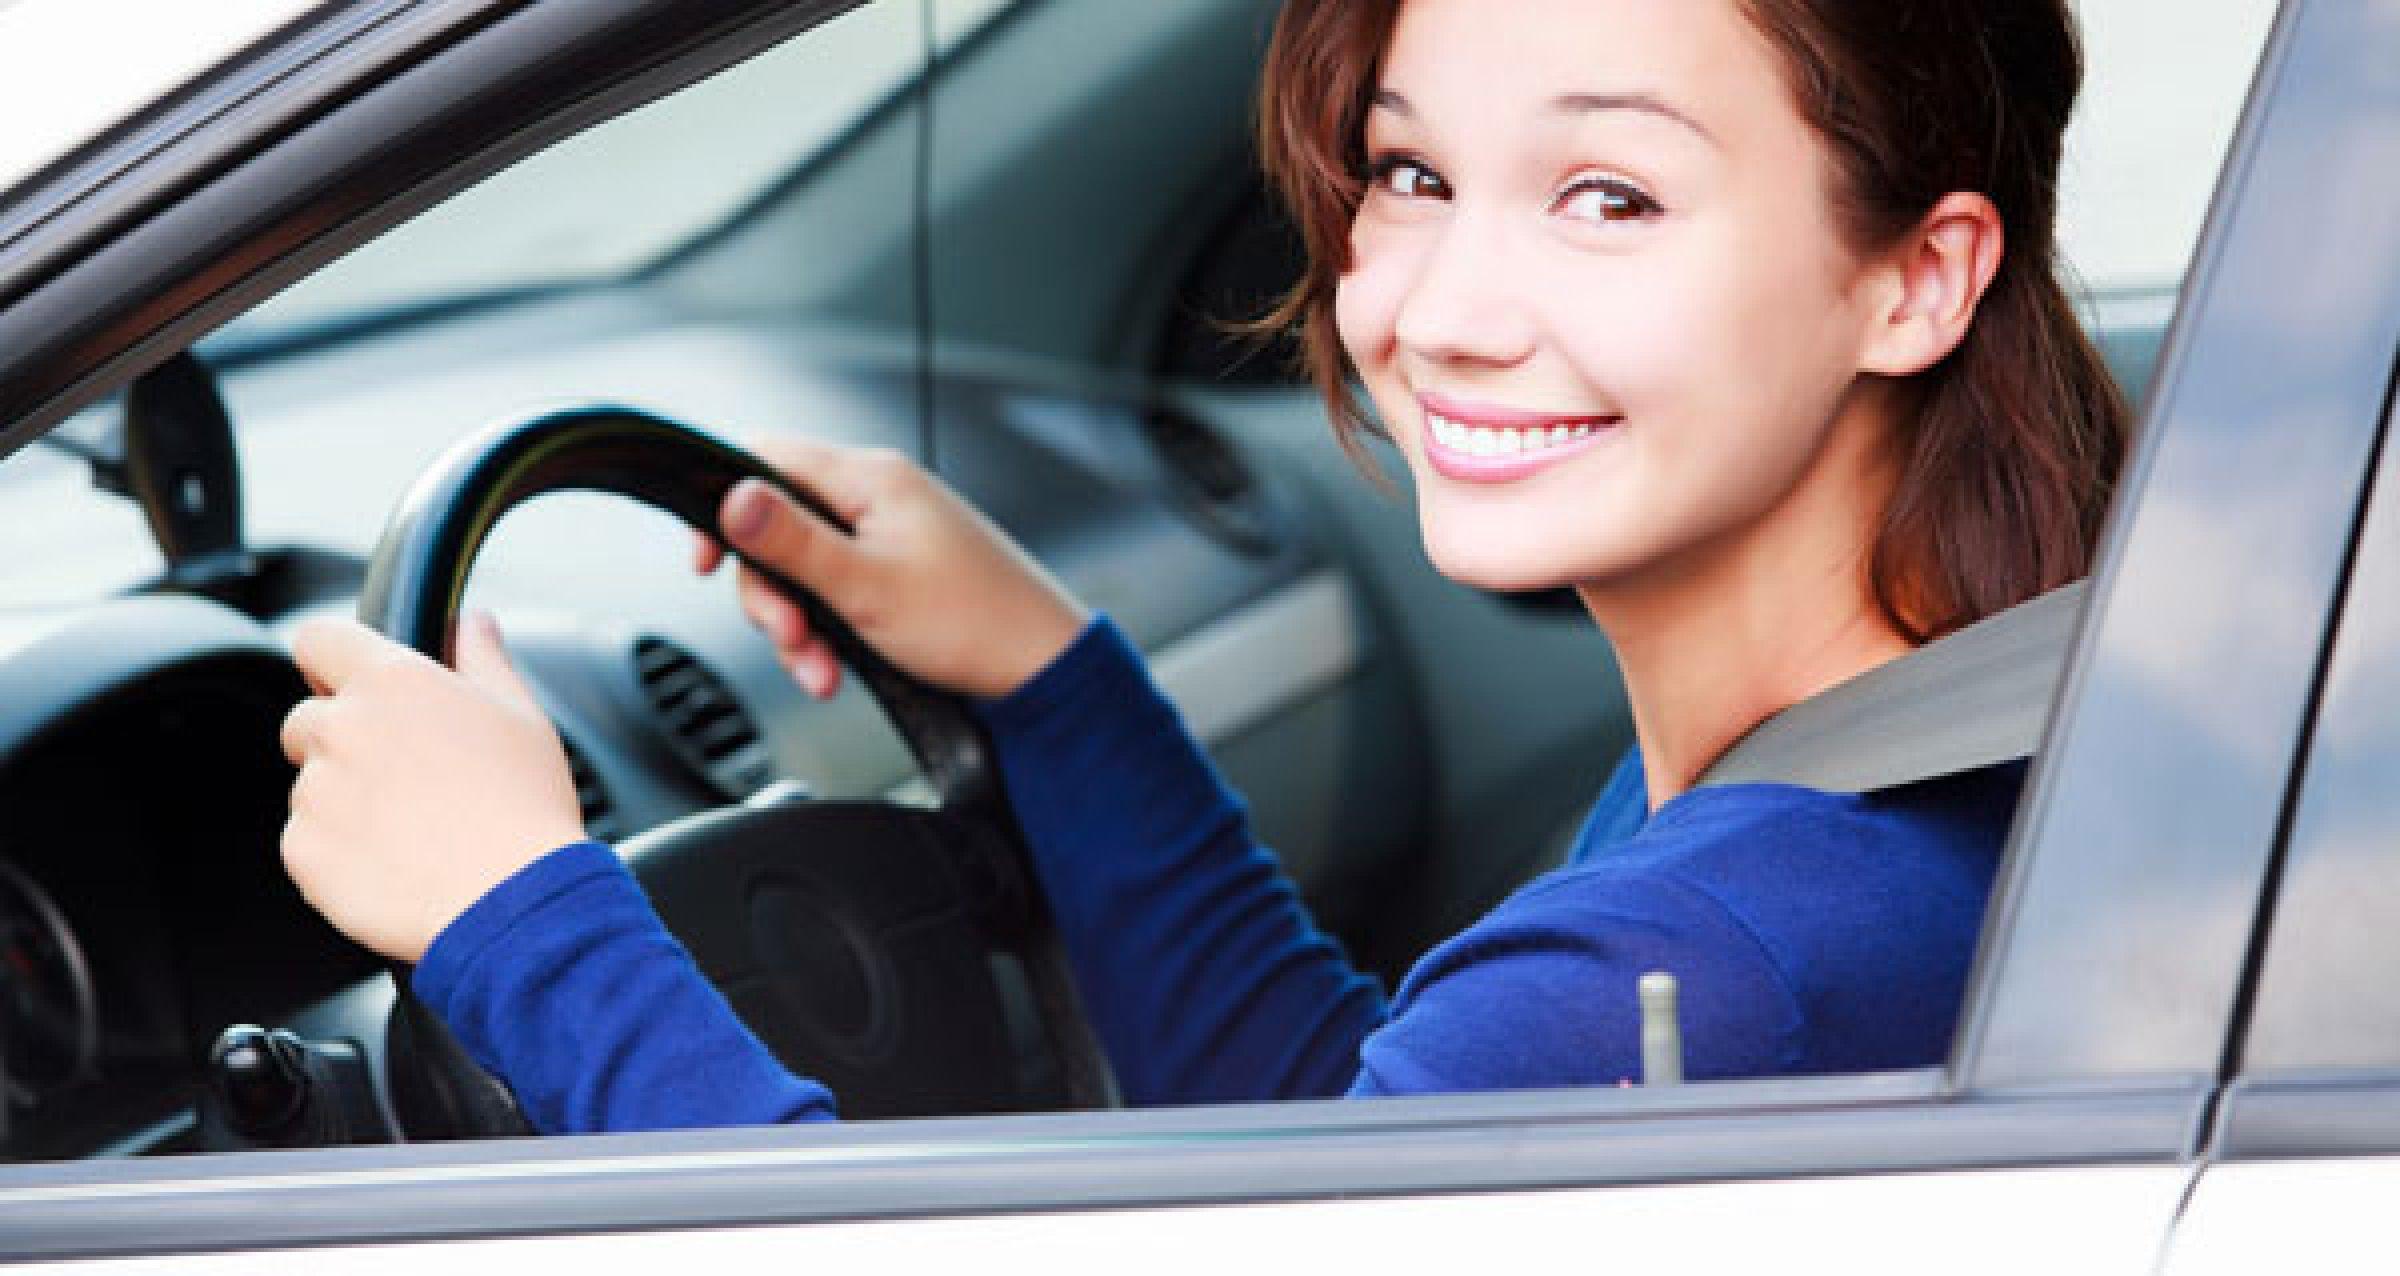 Хозяйка водитель секс, Накаченный водитель трахает свою хозяйку в машине 22 фотография